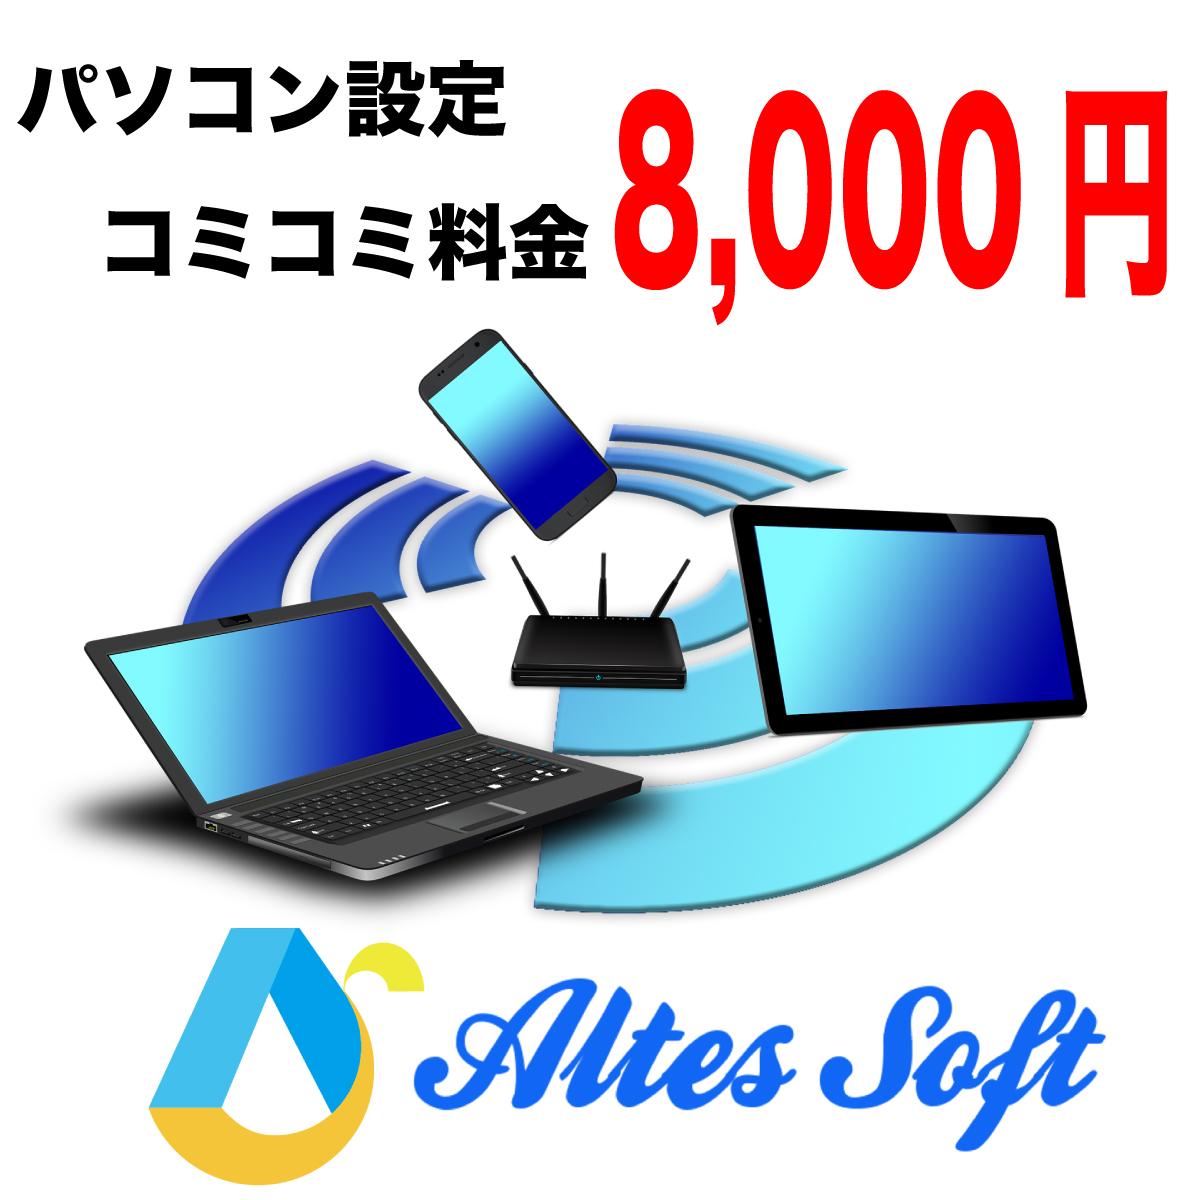 パソコン設定トラブルお任せください。1台あたり8000円